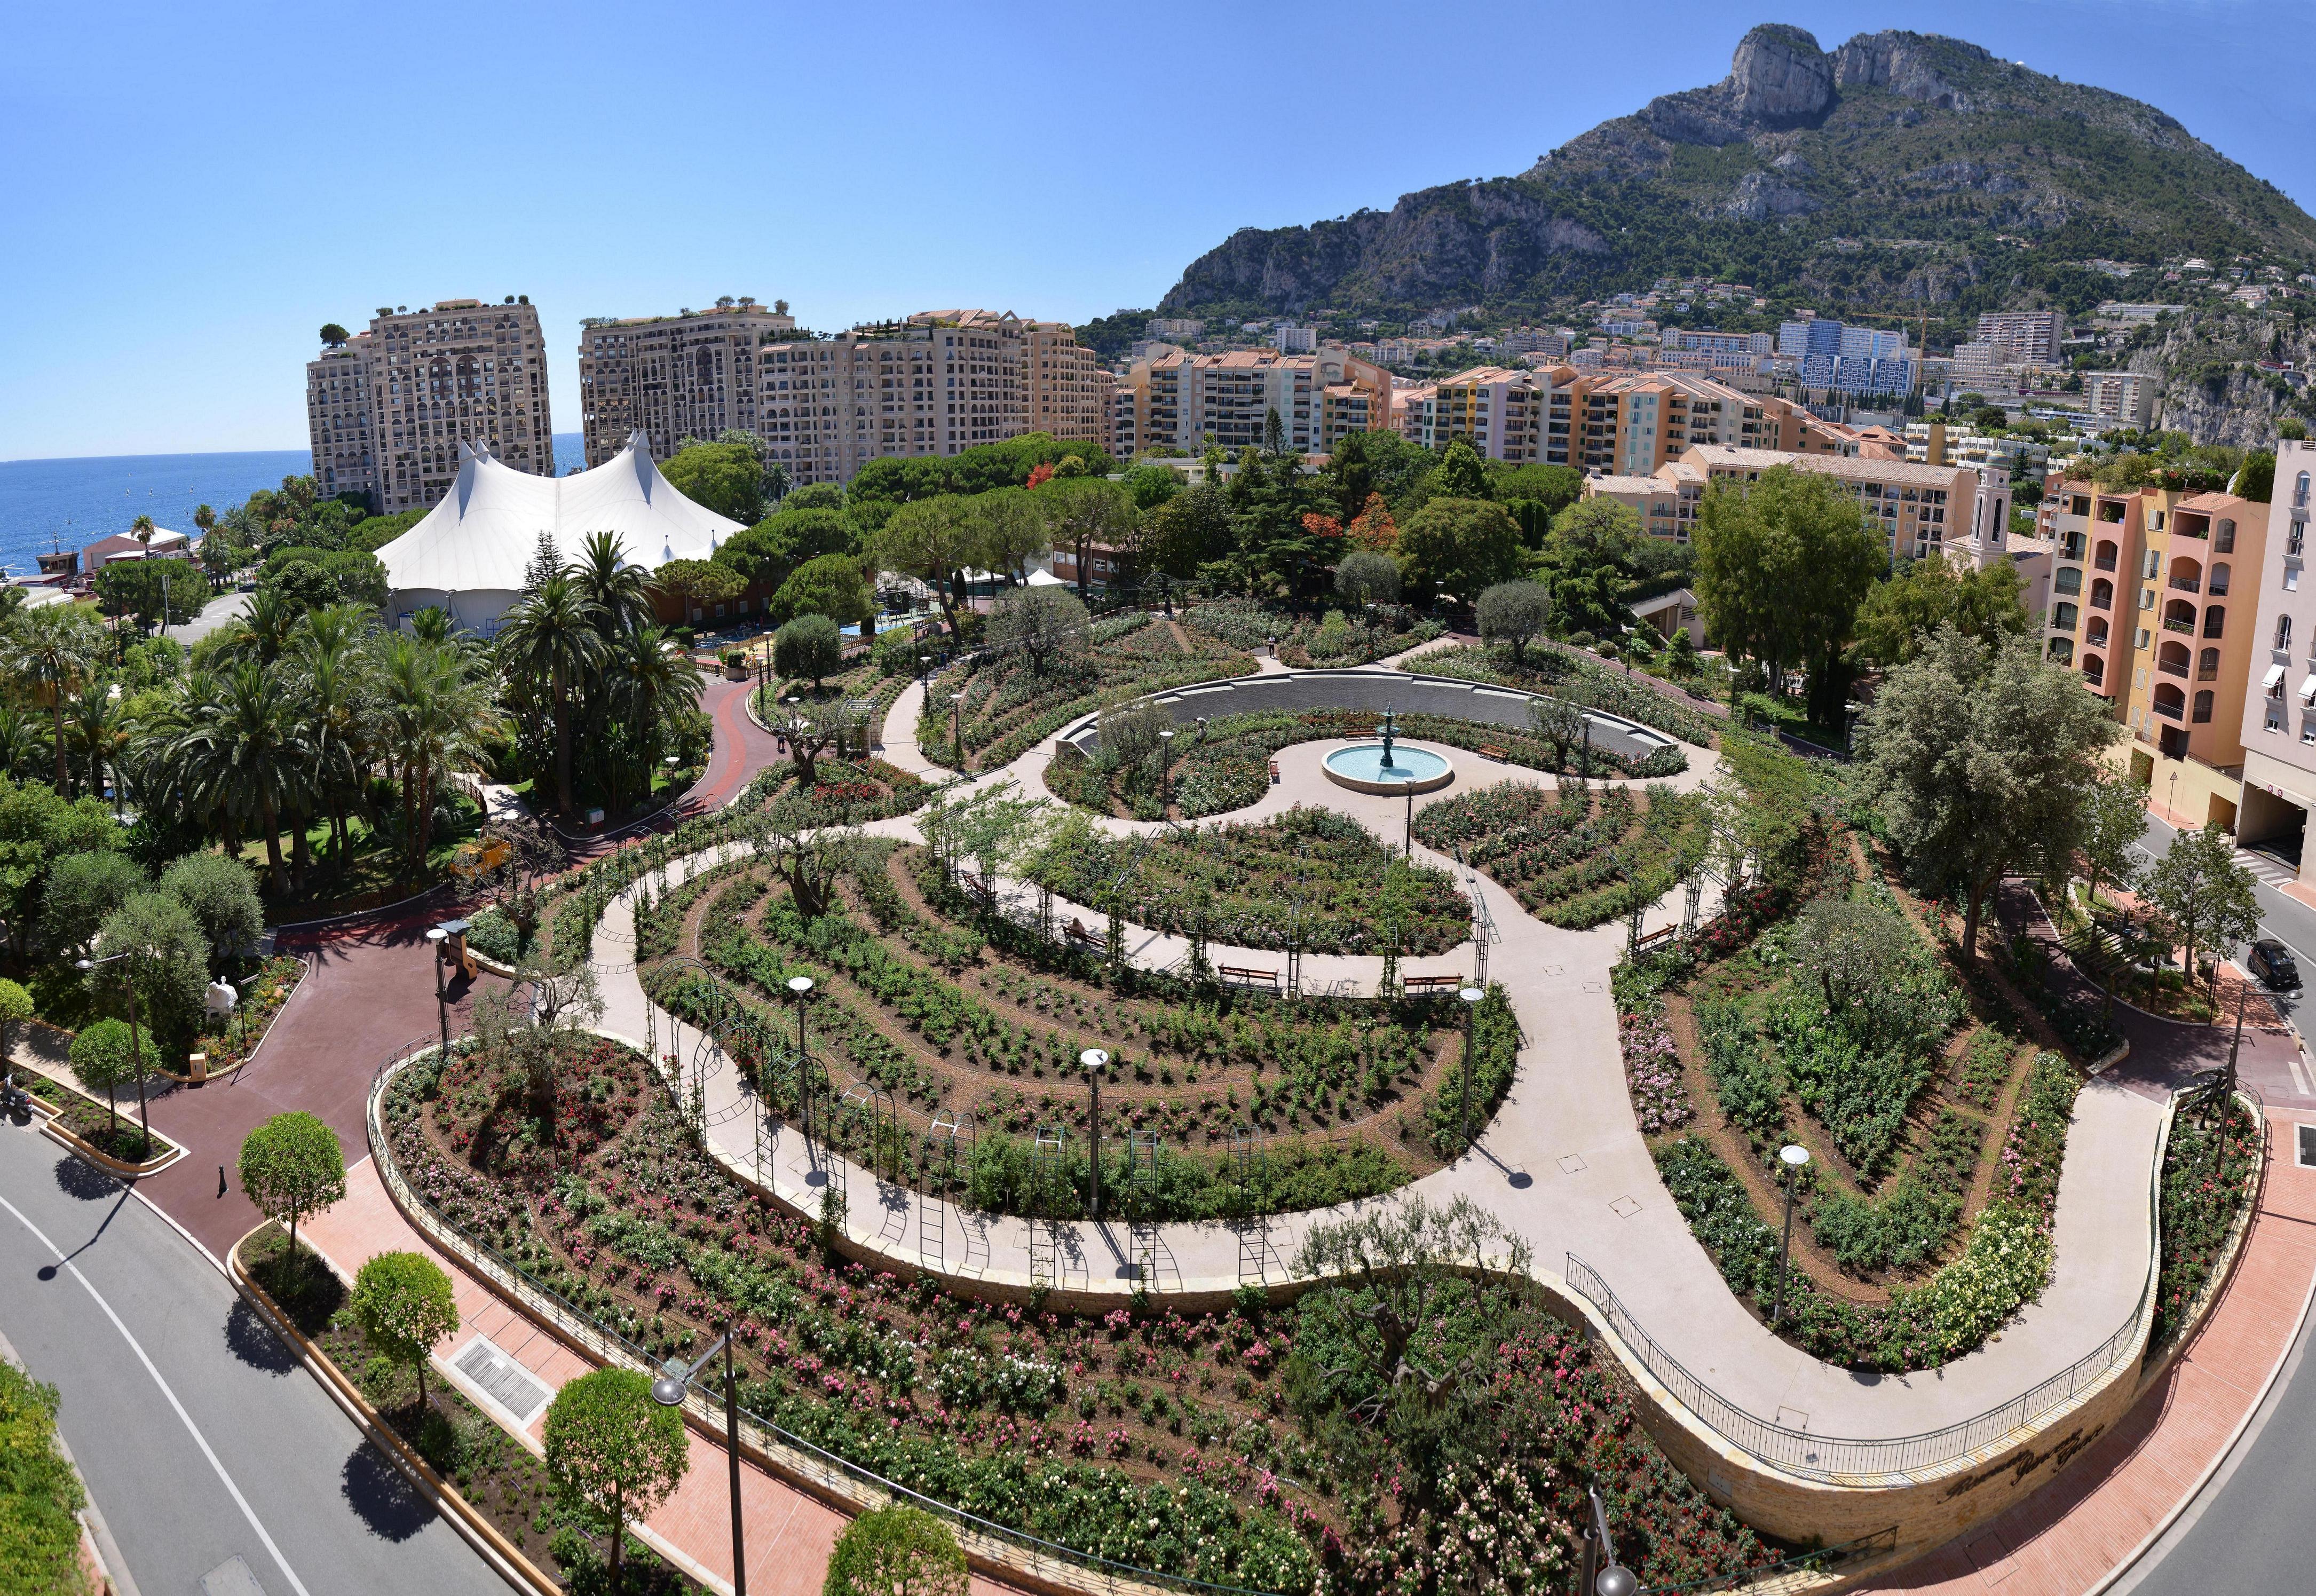 construir gruta jardim : construir gruta jardim:Top 5: Os jardins secretos de Mônaco – GLOBAL VISION ACCESS